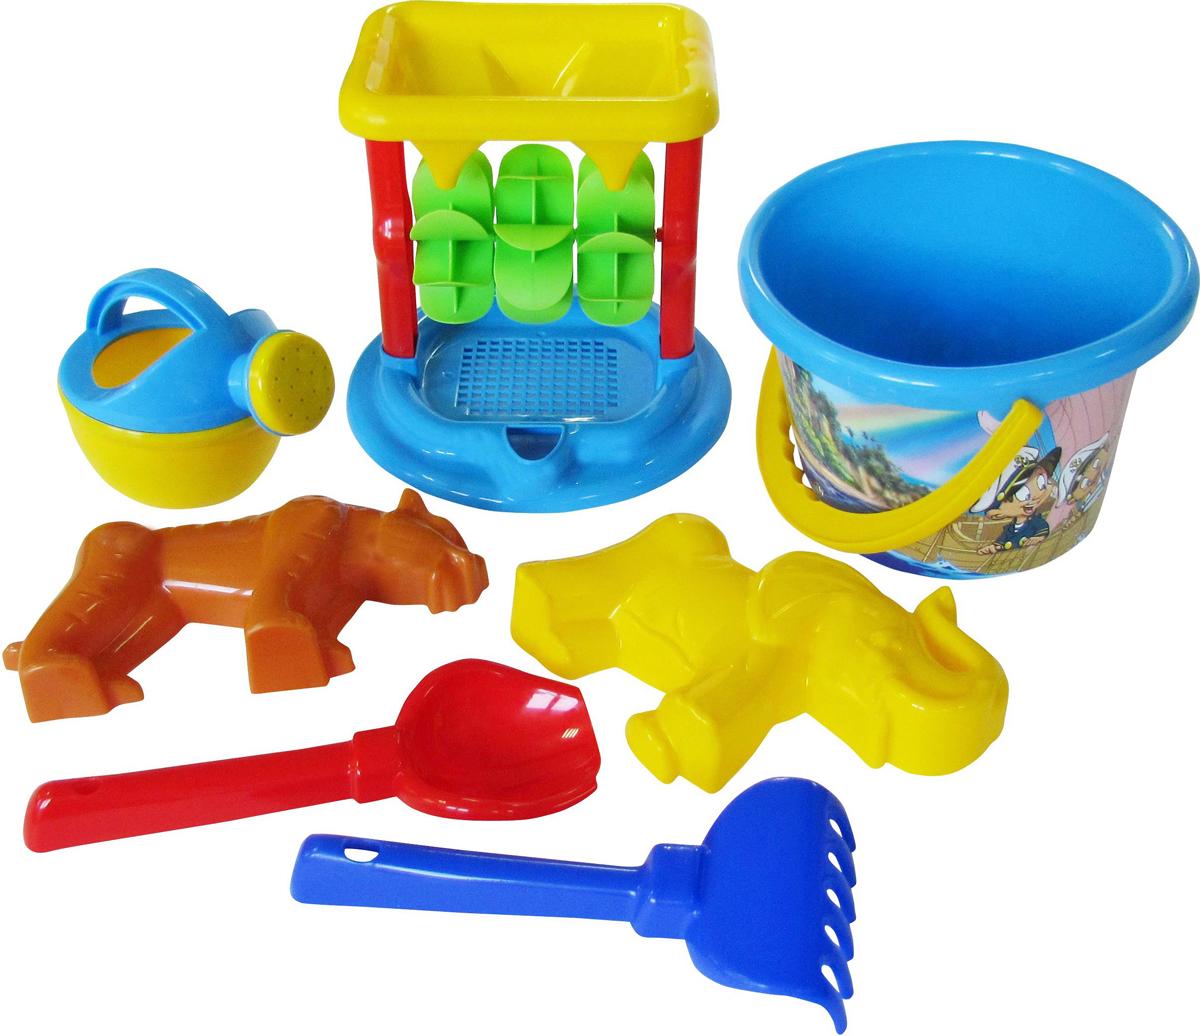 Полесье Набор игрушек для песочницы №350, цвет в ассортименте